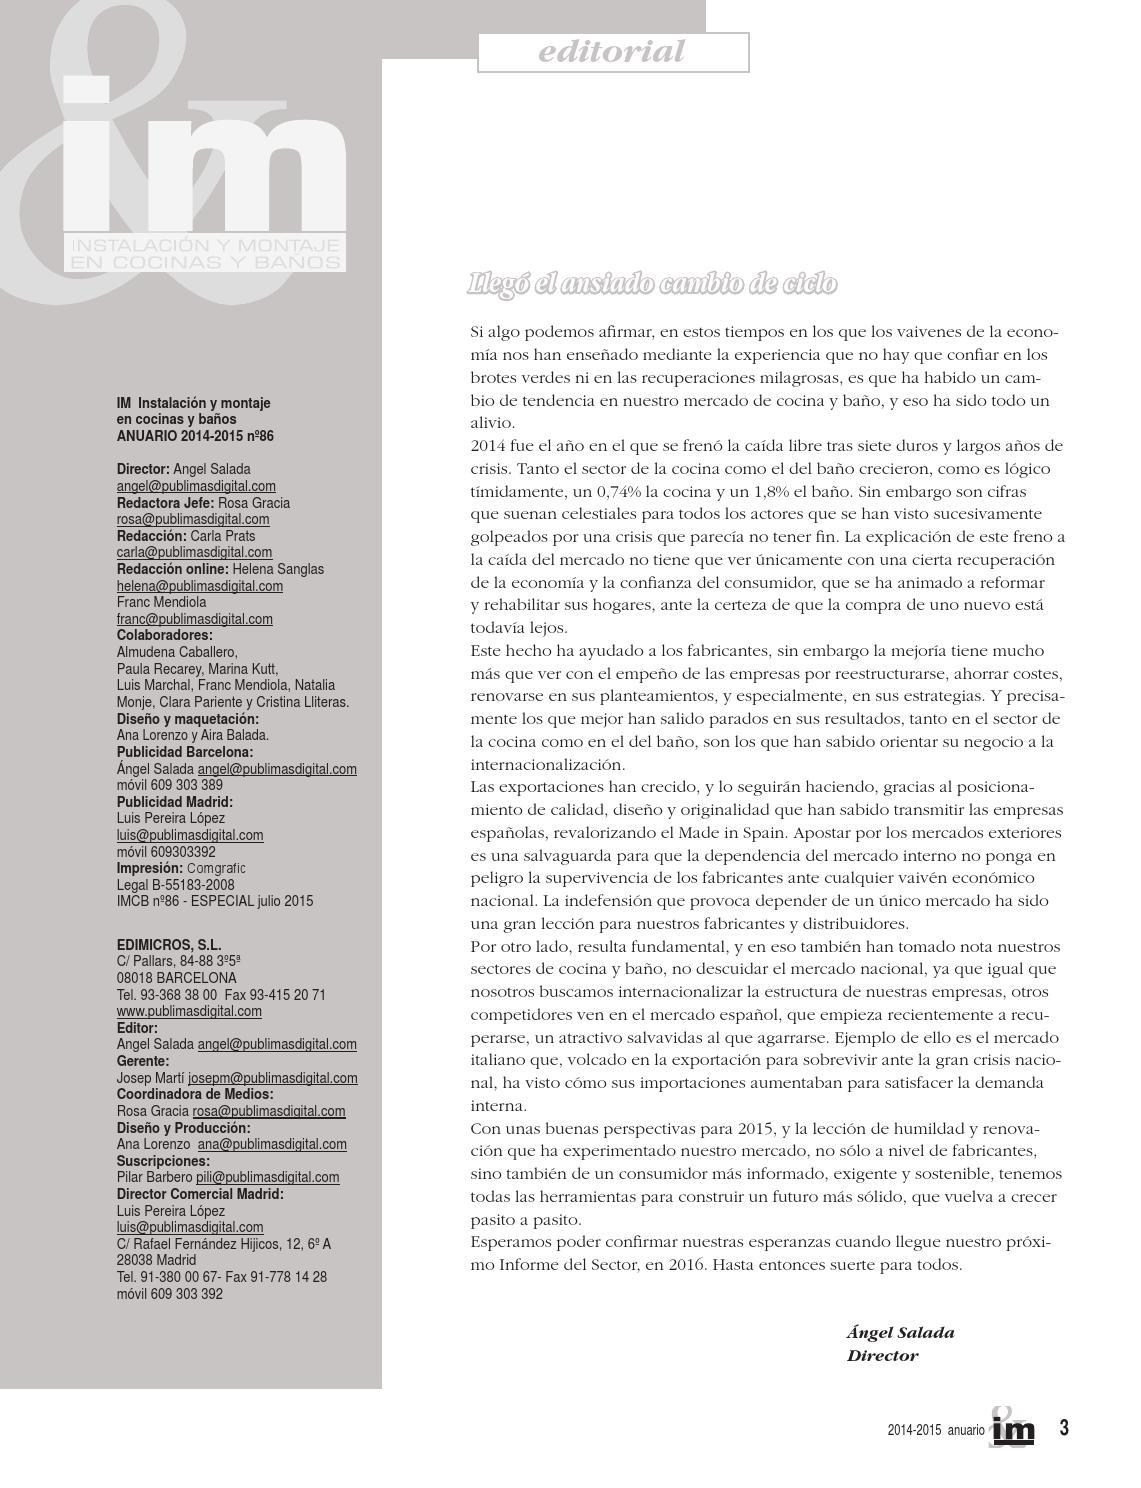 IMCB Cocinas y Baños #86 by Grupo Edimicros - Publimas Digital - issuu